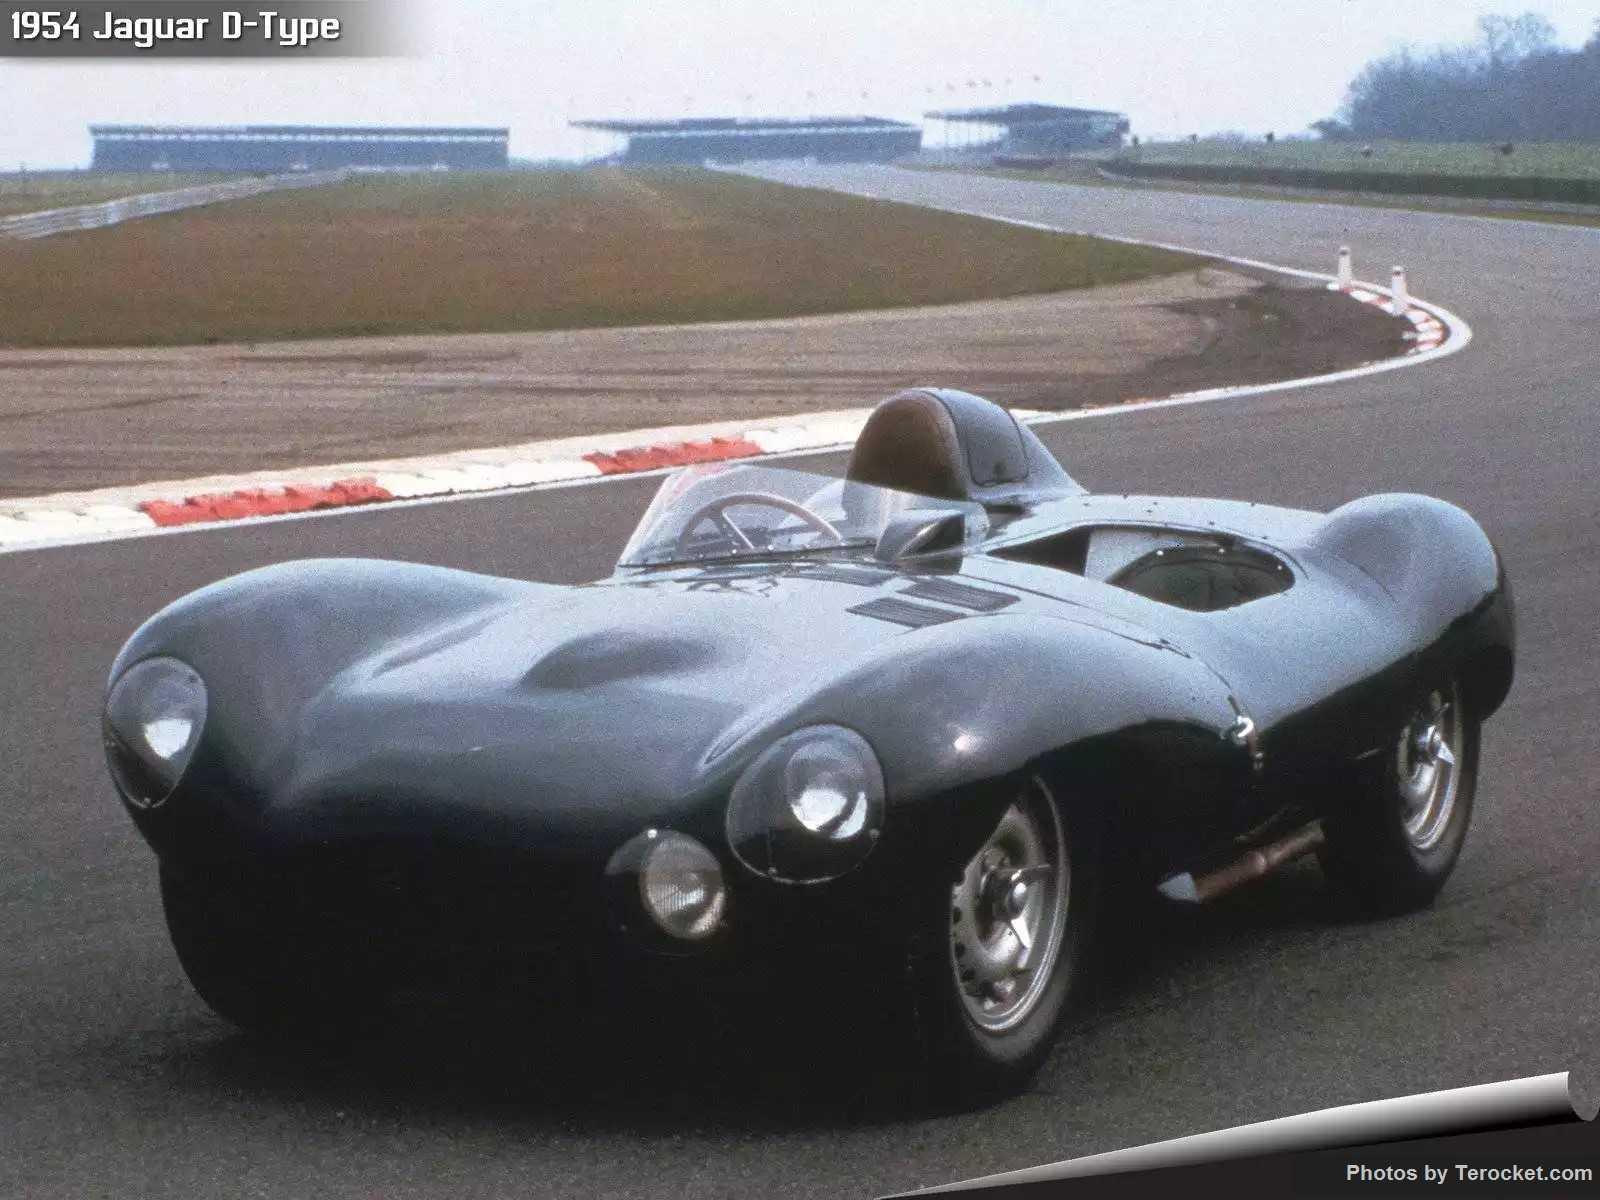 Hình ảnh xe ô tô Jaguar D-Type 1954 & nội ngoại thất